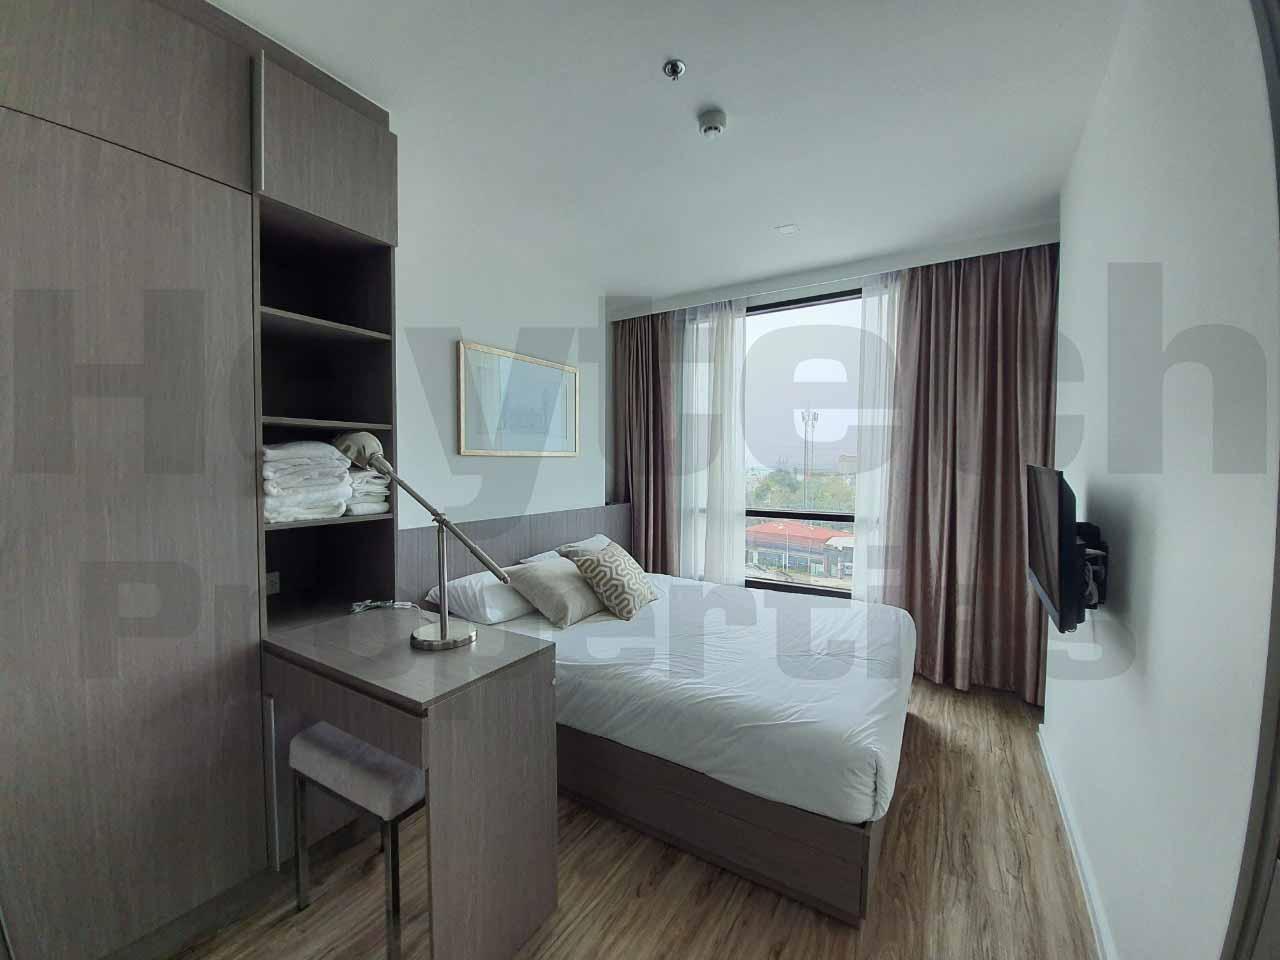 ภาพเพนเฮาส์หรู 2 ห้องนอน สไตล์ญี่ปุ่น มีอ่างจากุซี่ ทำเลดี ไนท์บริดจ์ ดิโอเชี่ยน ศรีราชา ห้องใหญ่มาก